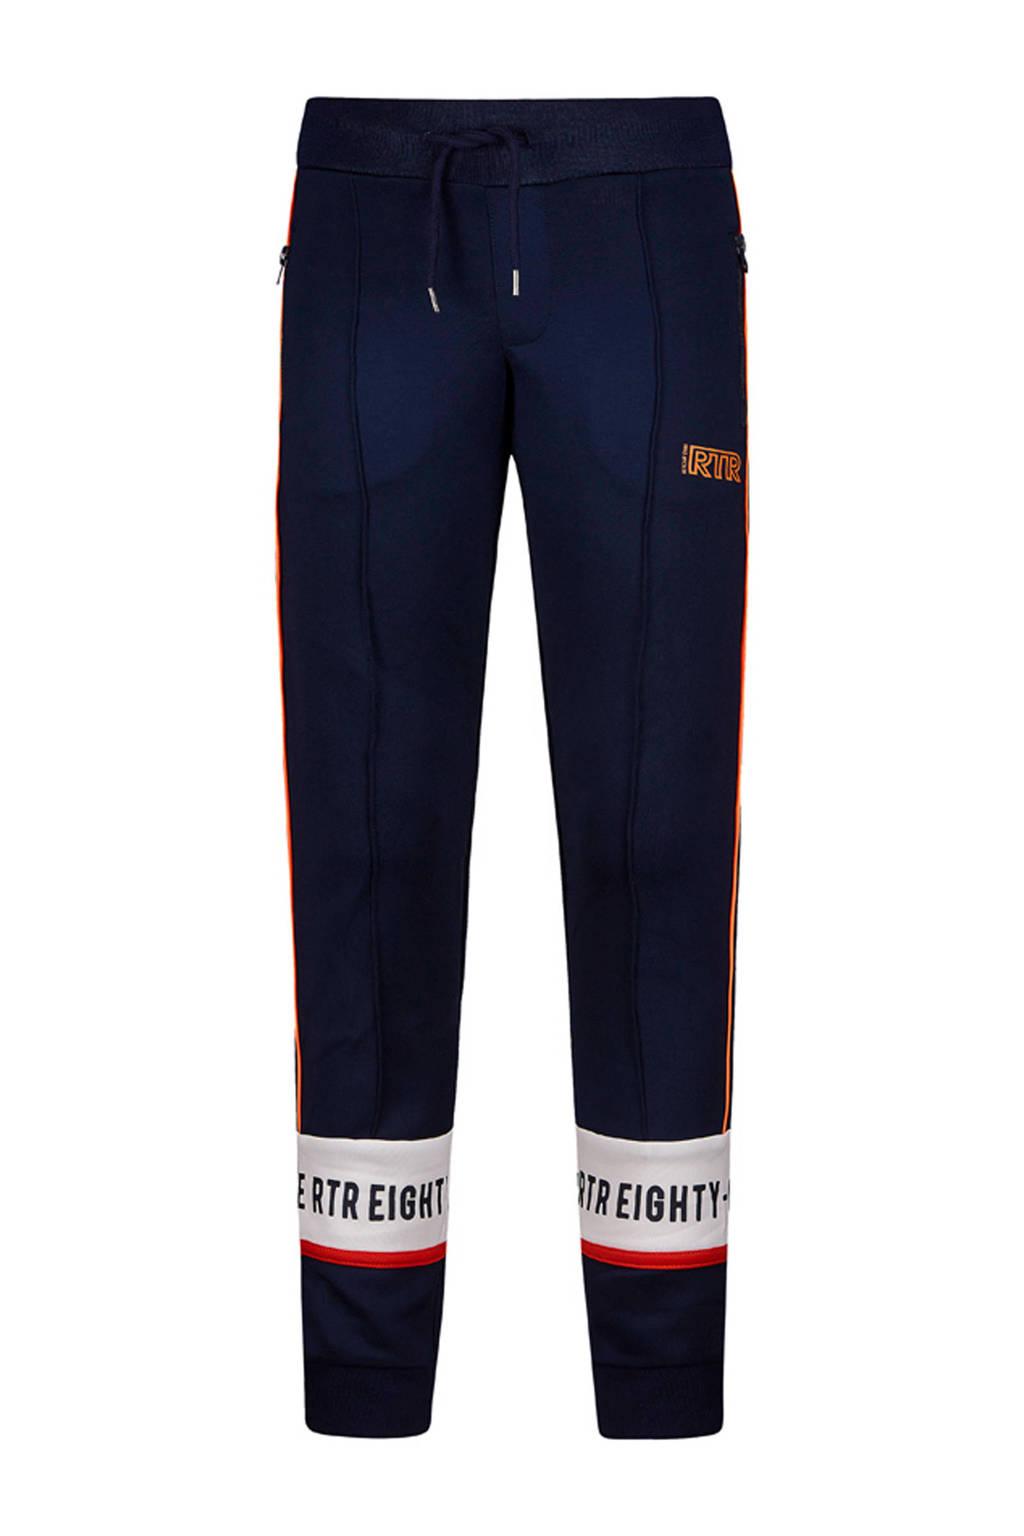 Retour Denim sweatpants Jackson met tekst en zijbies donkerblauw, Donkerblauw/wit